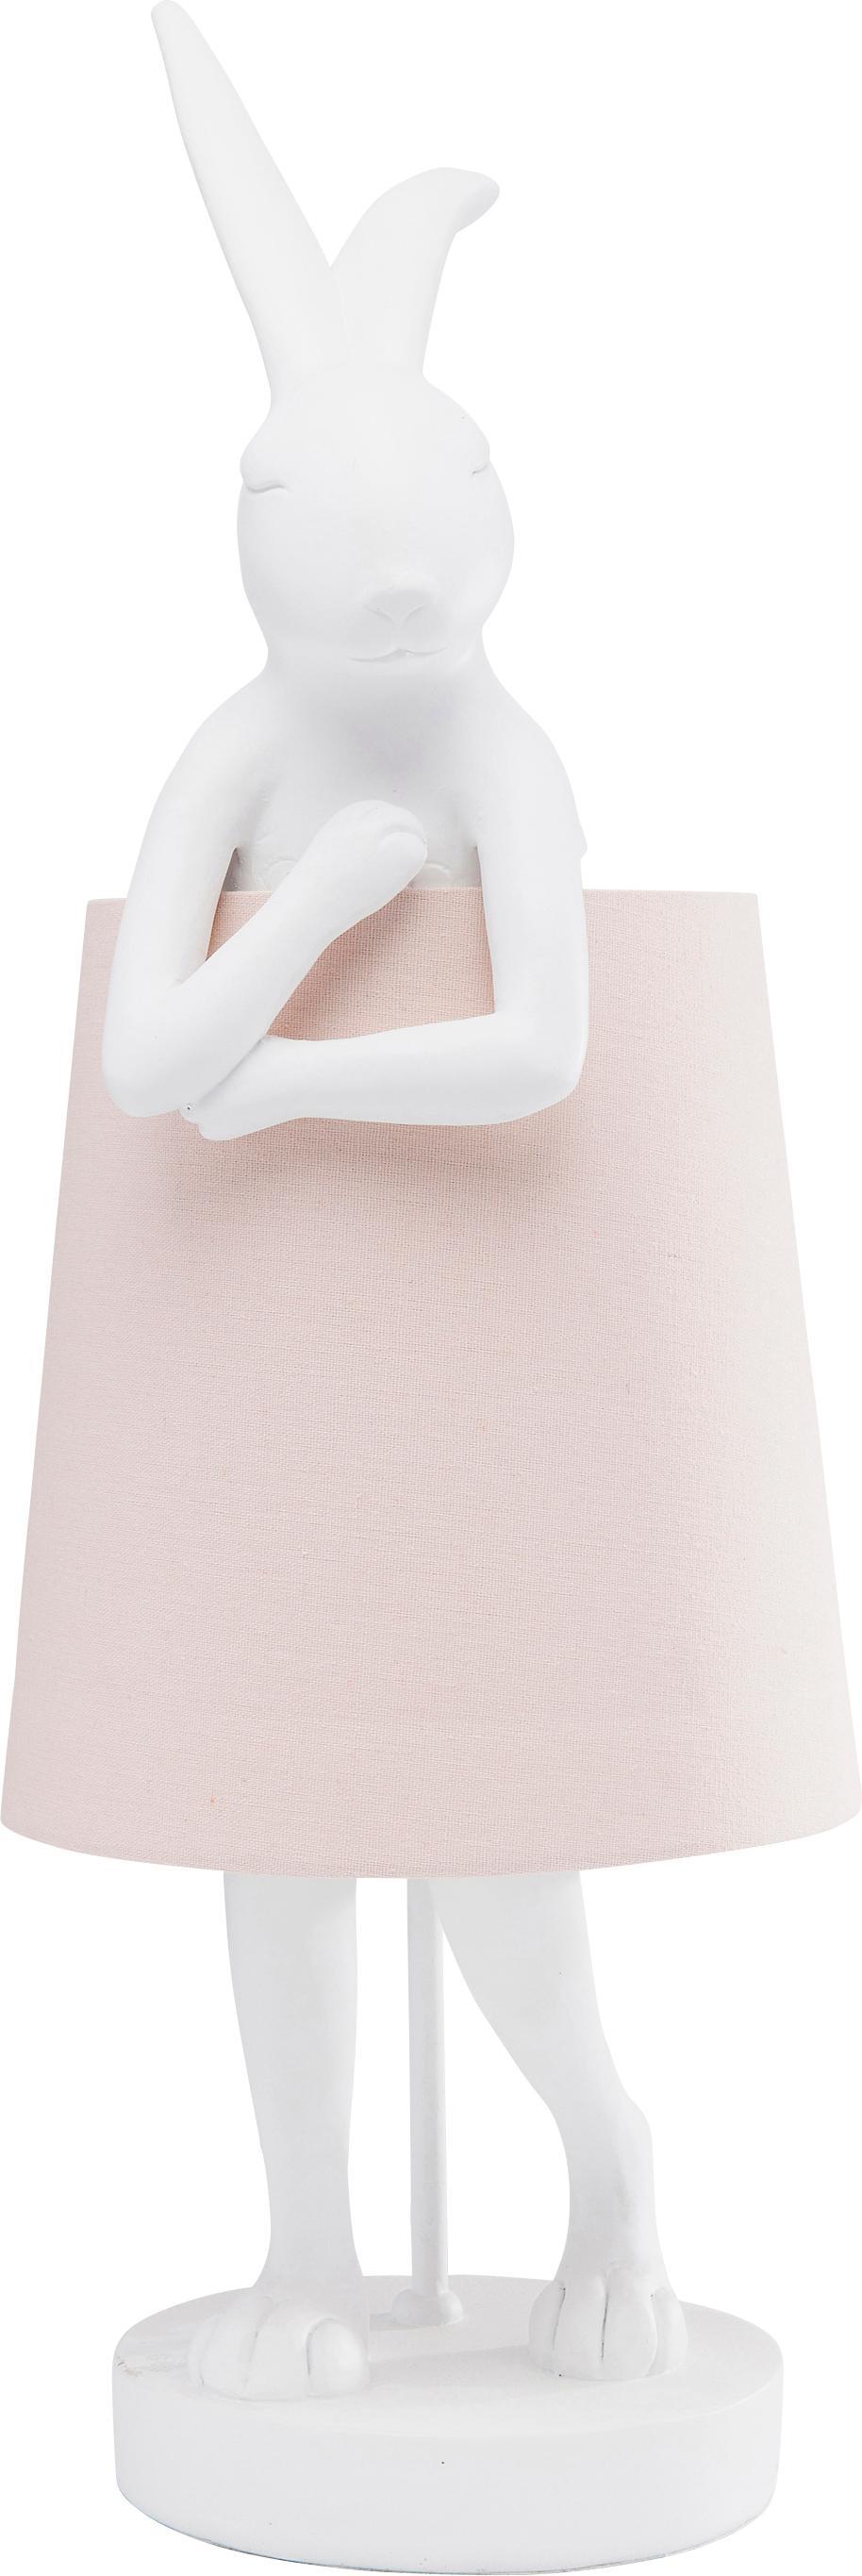 Große Design-Tischlampe Rabbit, Lampenschirm: Leinen, Lampenfuß: Polyresin, Stange: Stahl, pulverbeschichtet, Weiß, Rosa, Ø 23 x H 68 cm